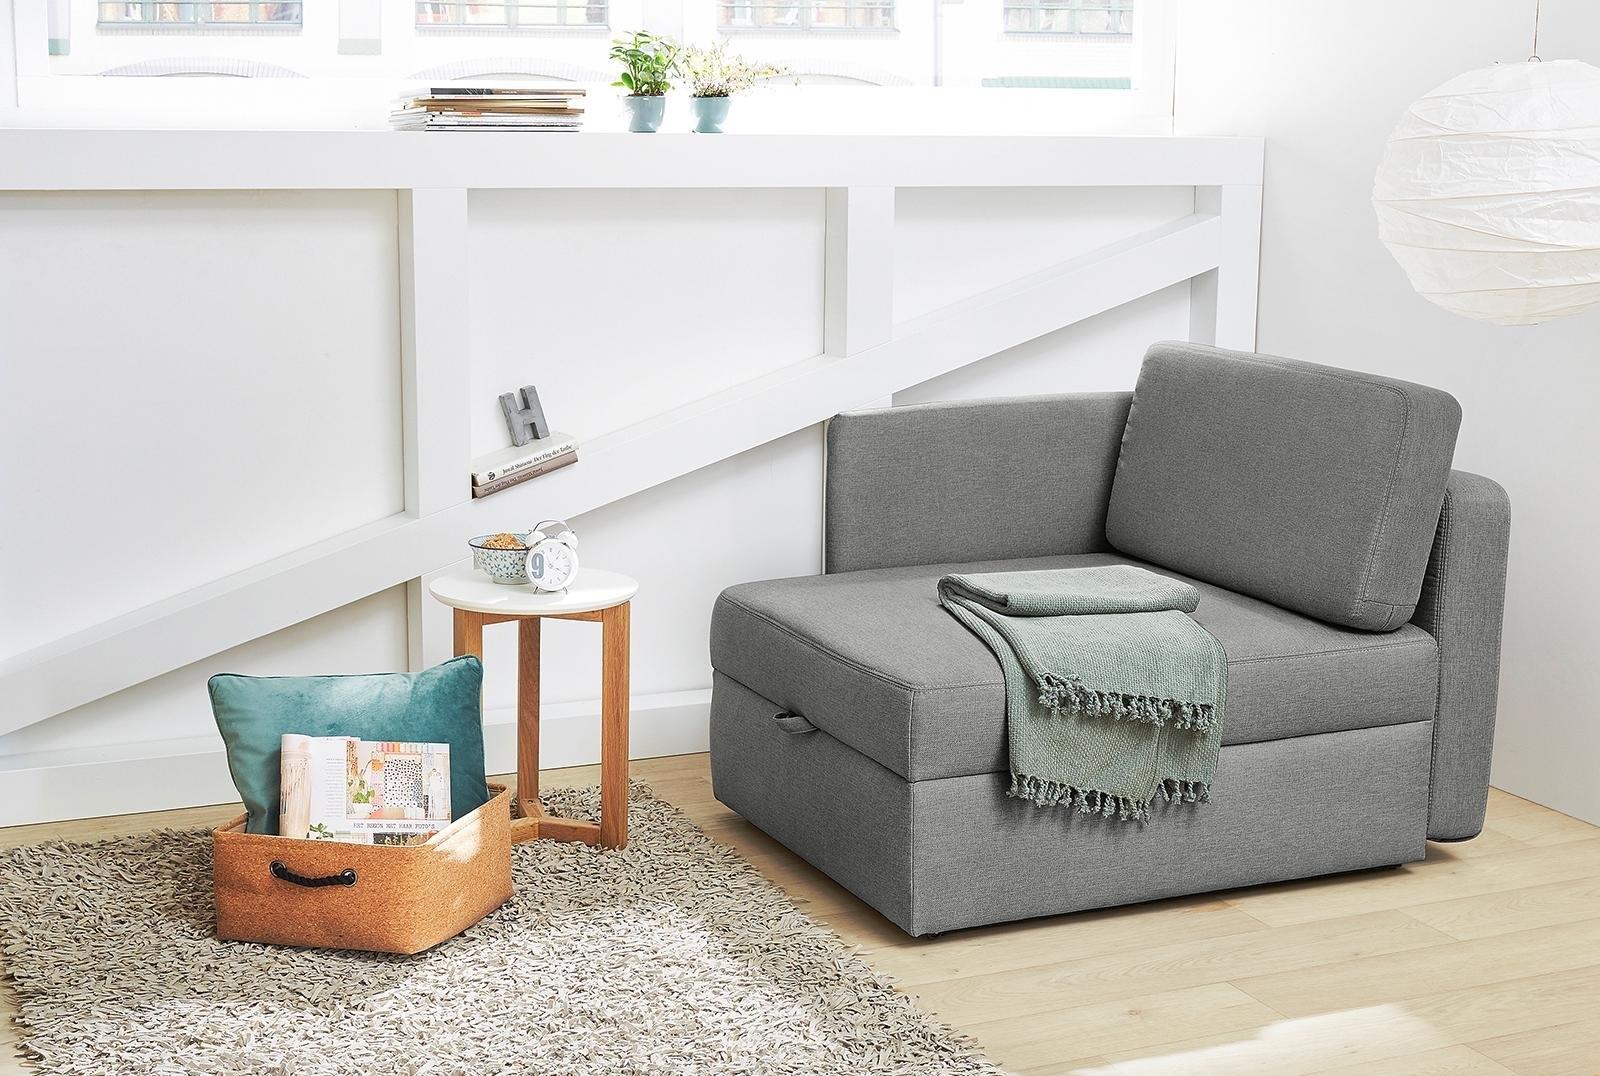 Jockenhöfer Gruppe fauteuil nu online bestellen